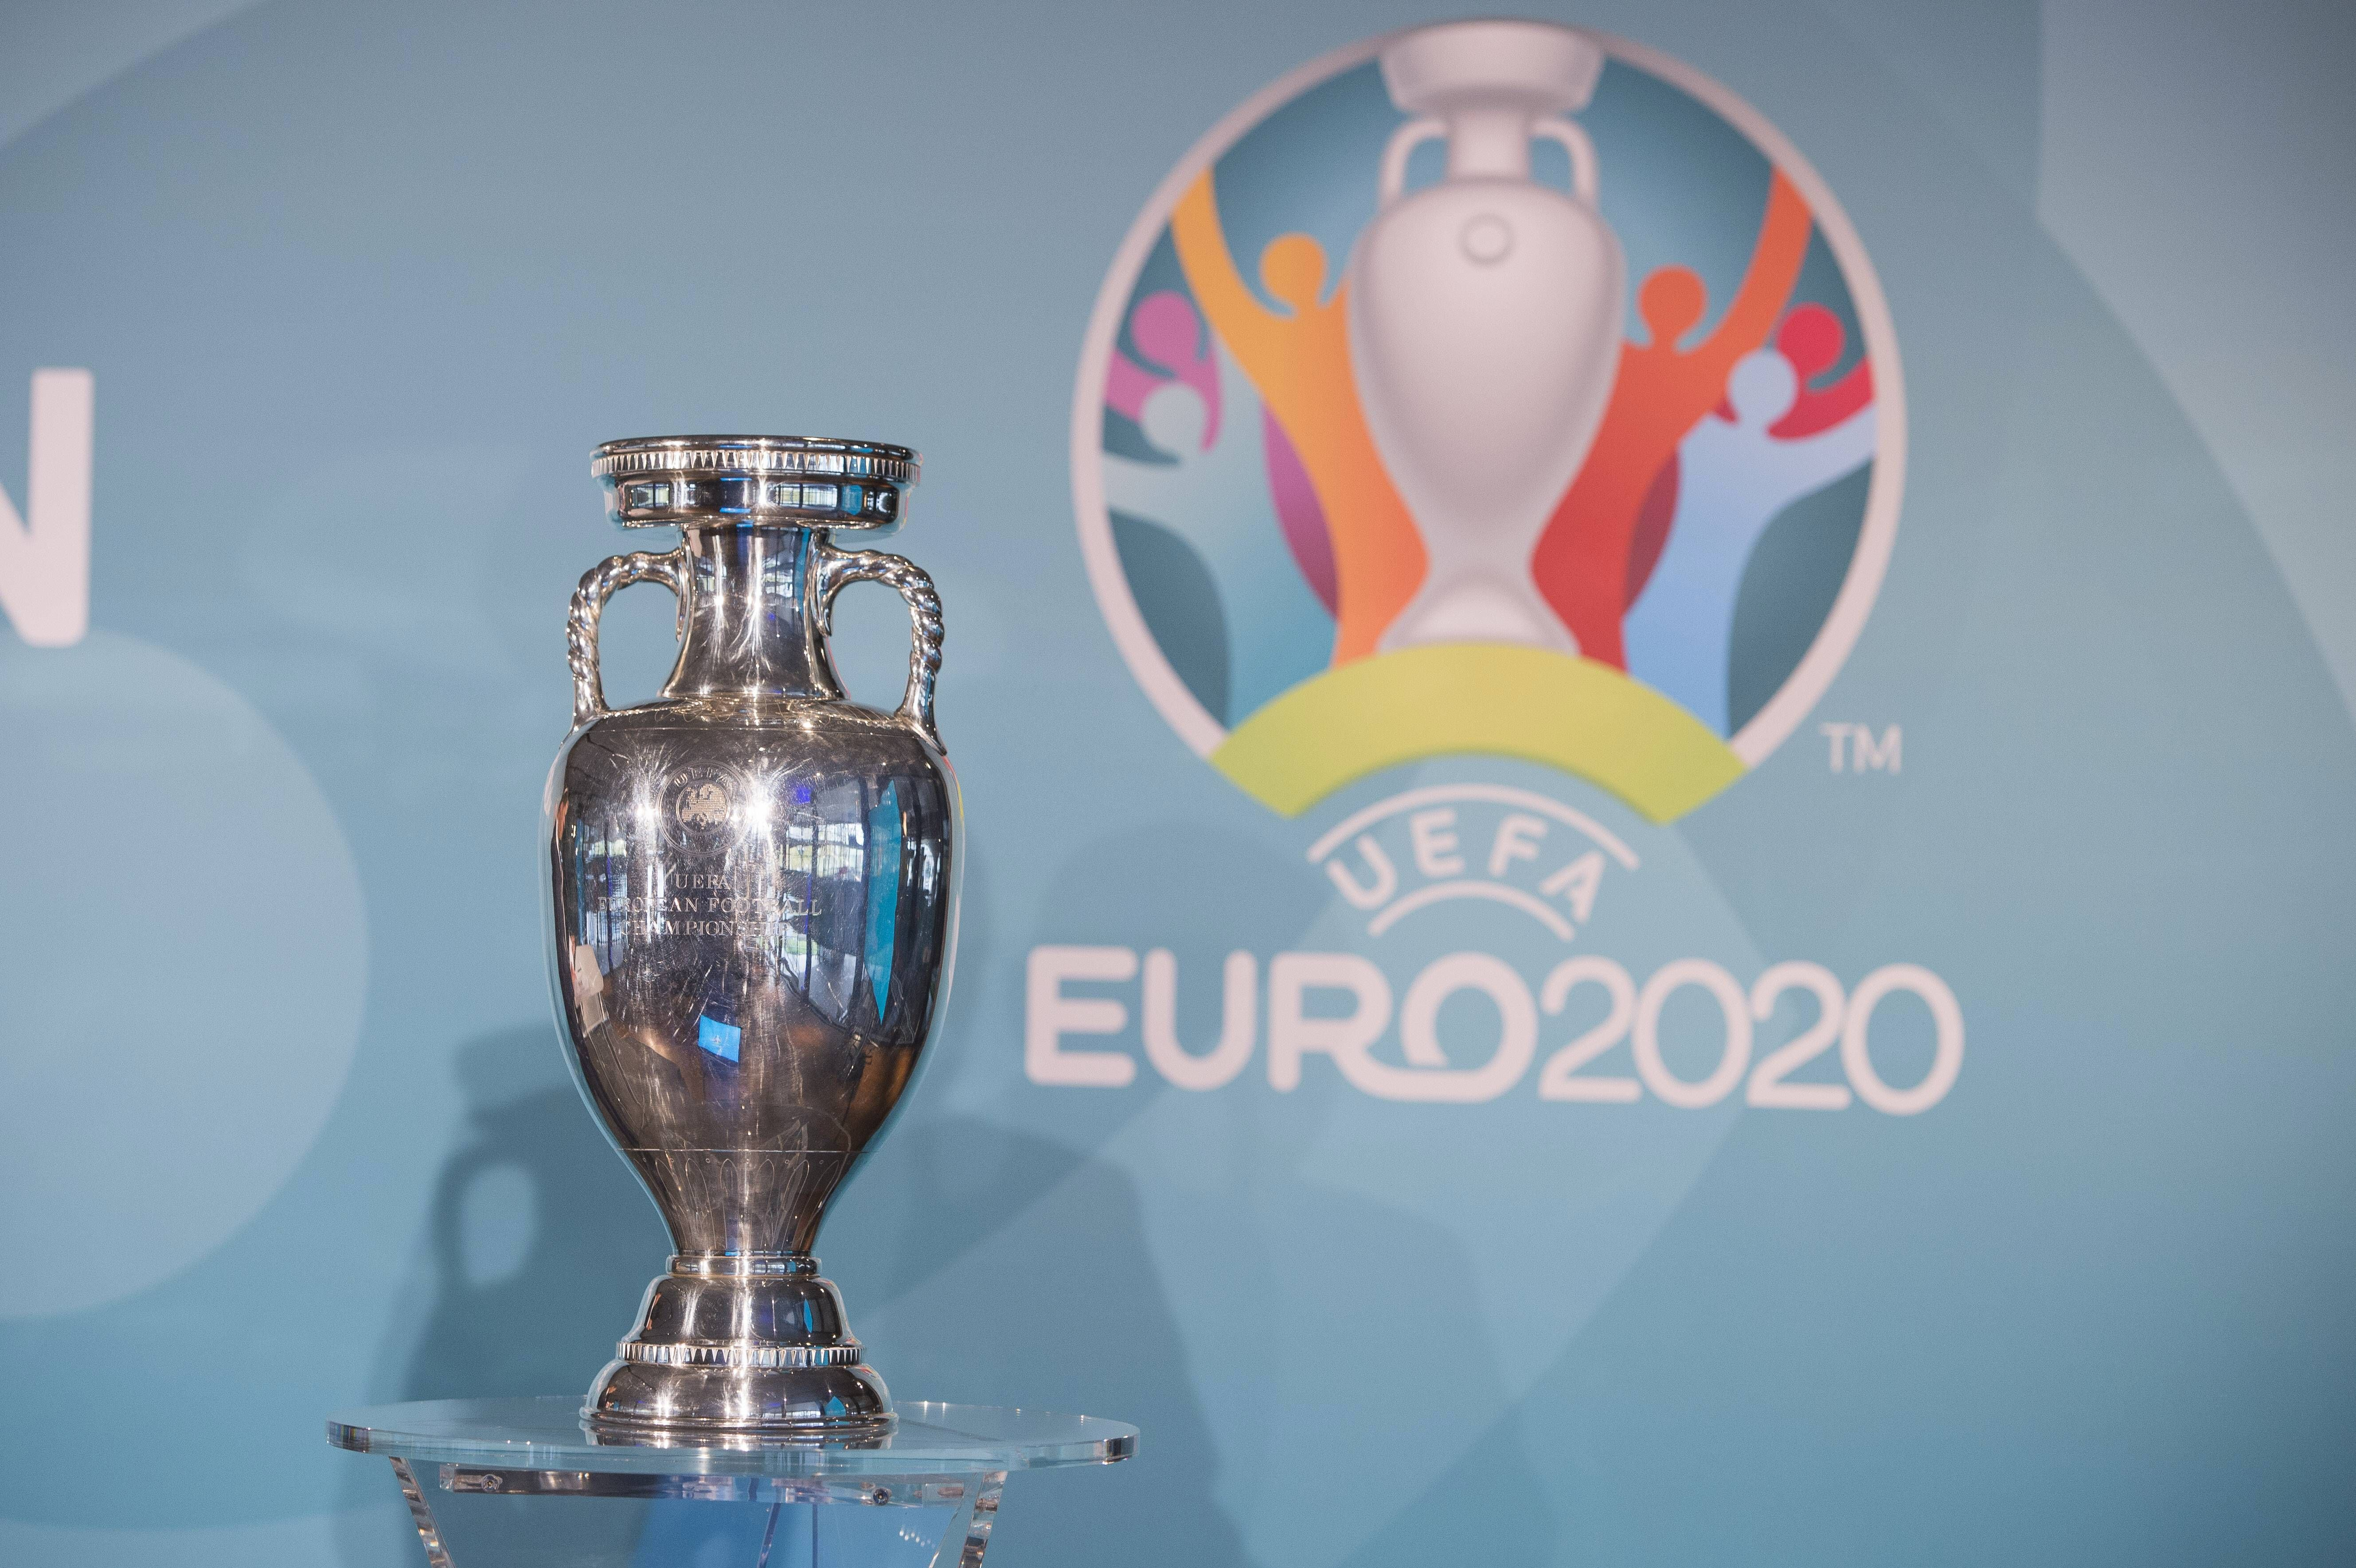 Le Calendrier Euro 2020.Euro 2020 Dates Chapeaux Les Bleus Tout Savoir Sur